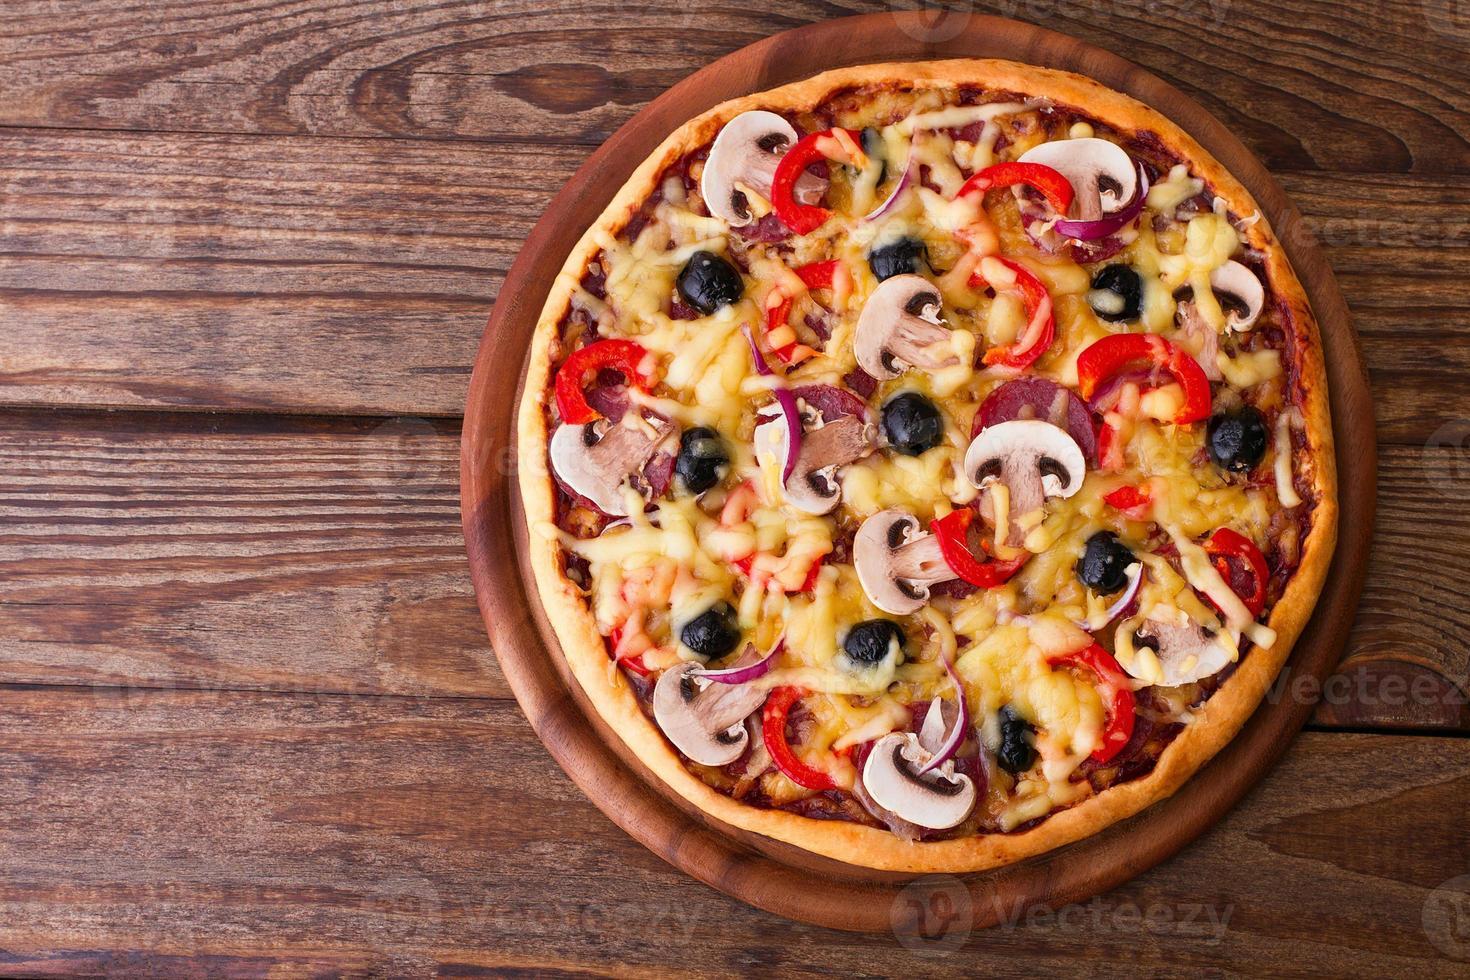 Pizza con frutti di mare sulla vista del piano d'appoggio di legno foto